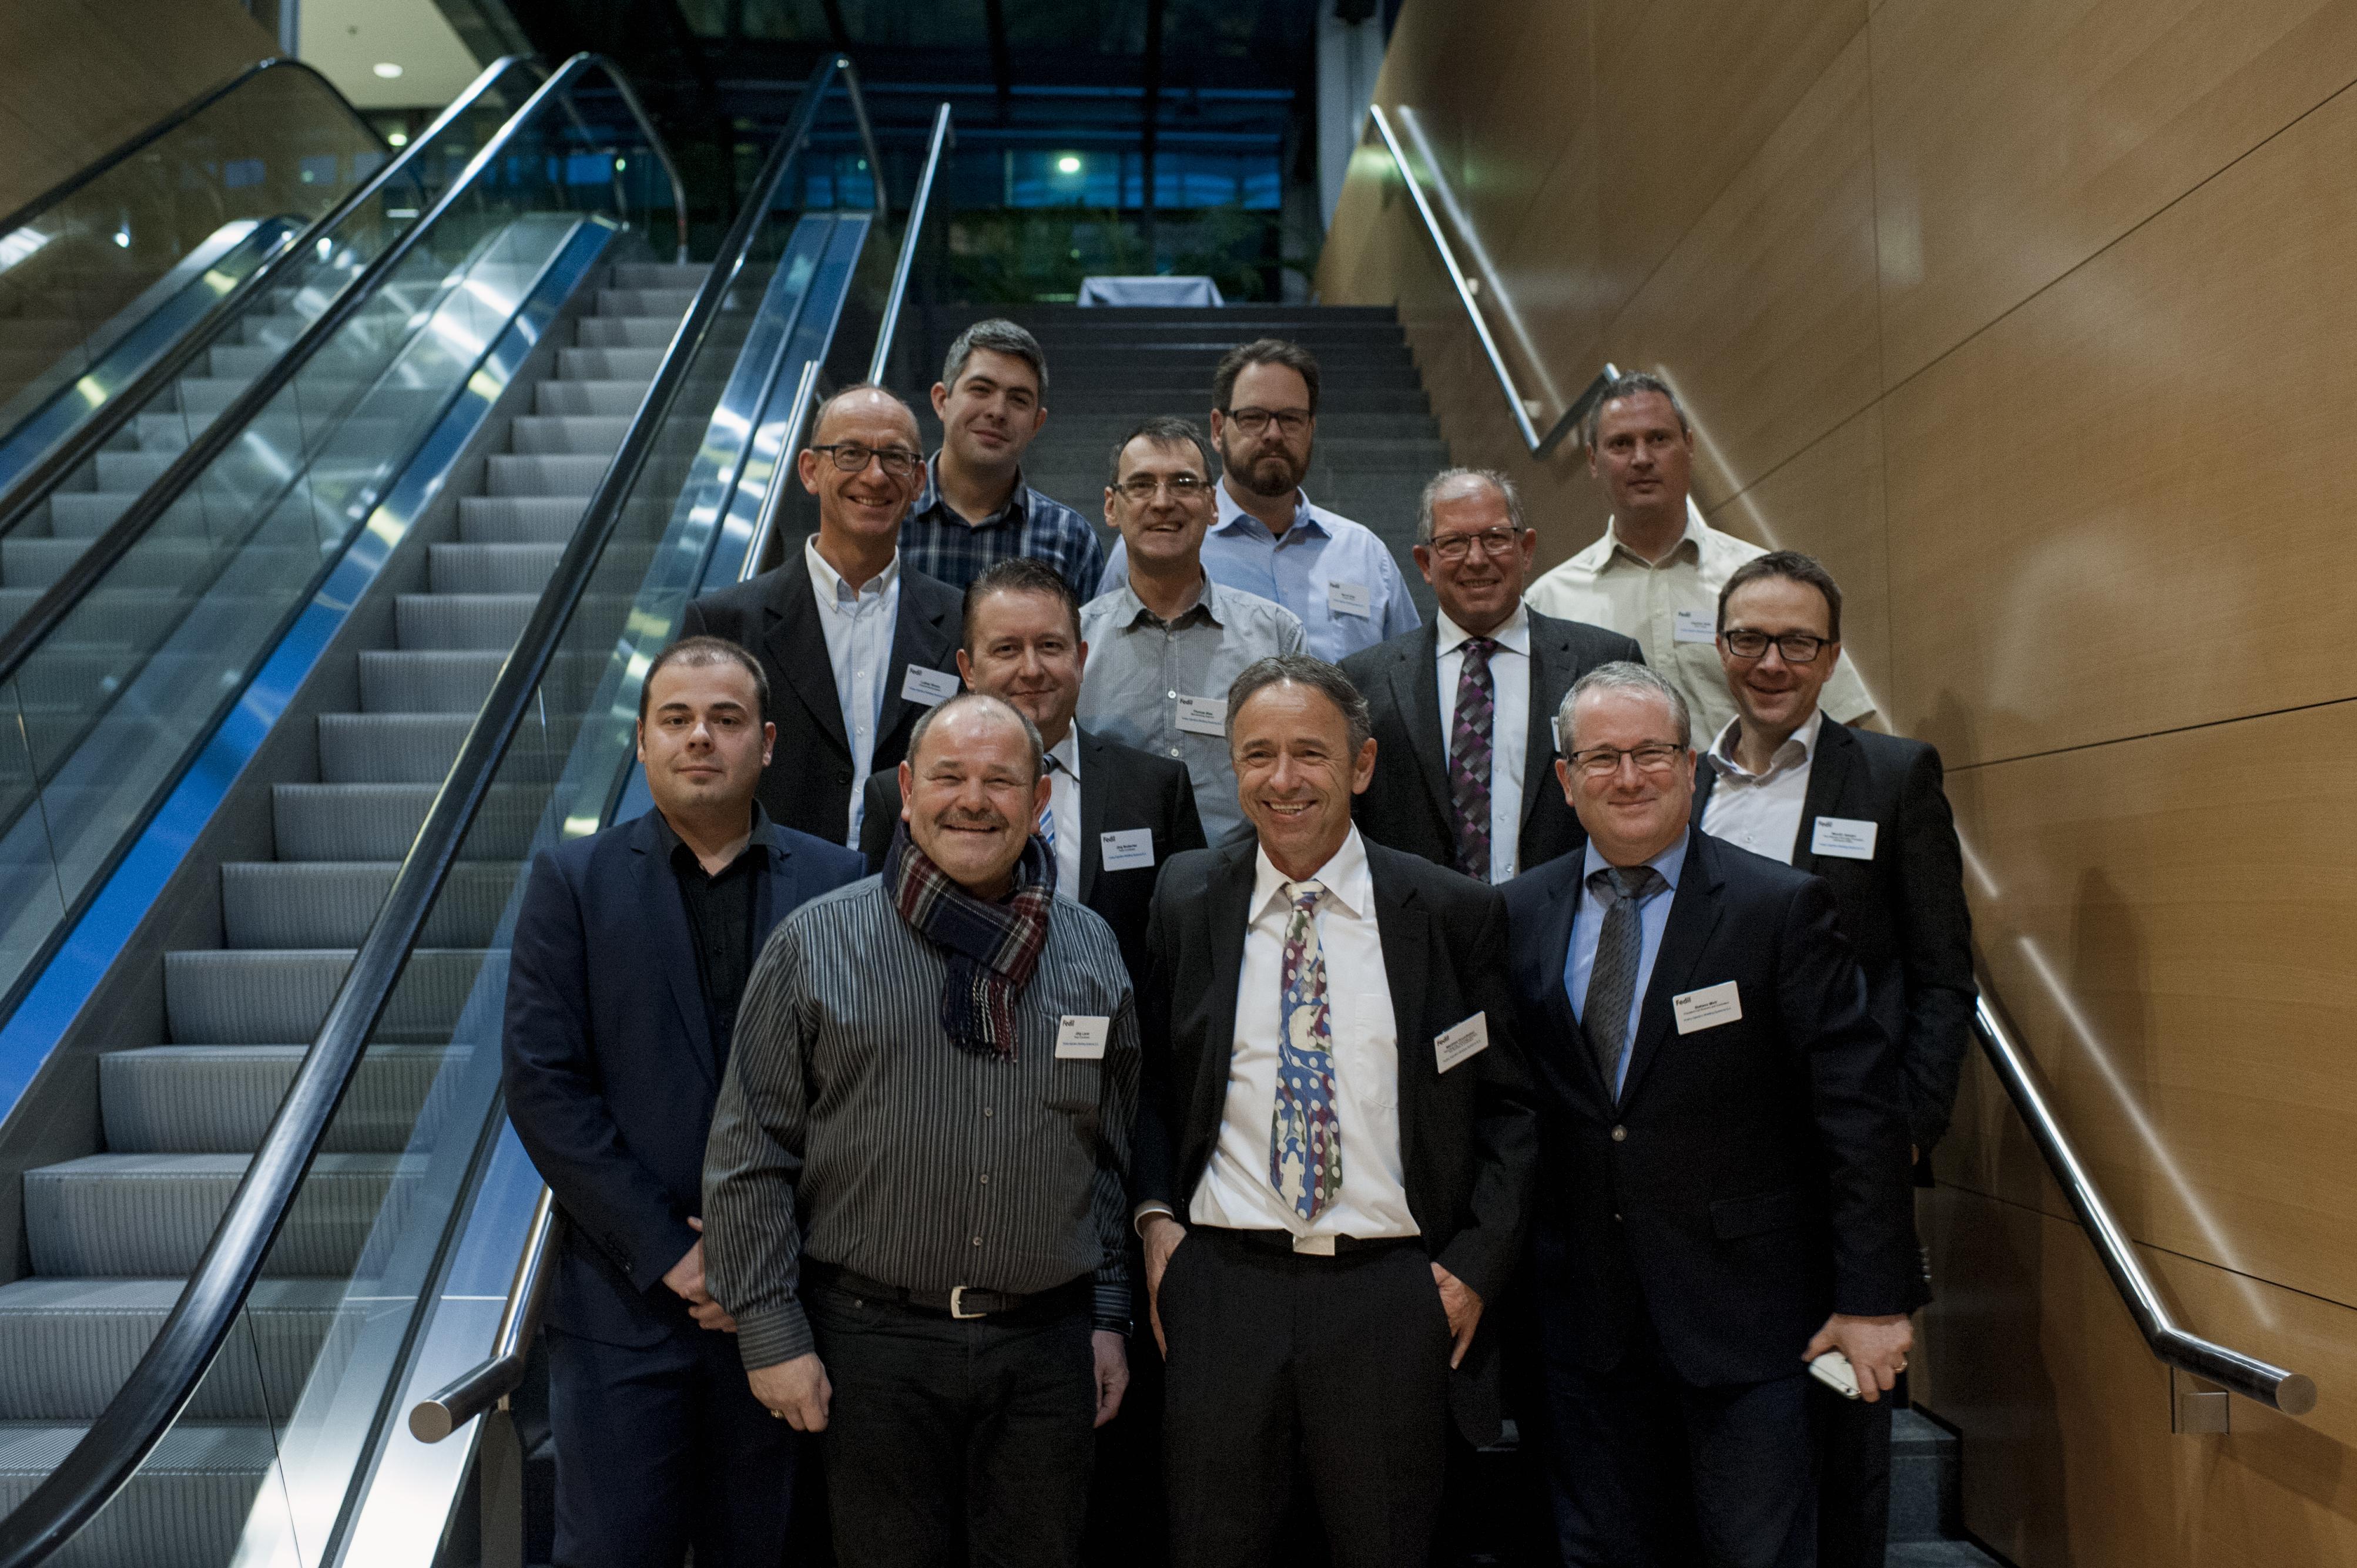 L'équipe de Husky Injection Molding Systems S.A., lauréate dans la catégorie « Process »